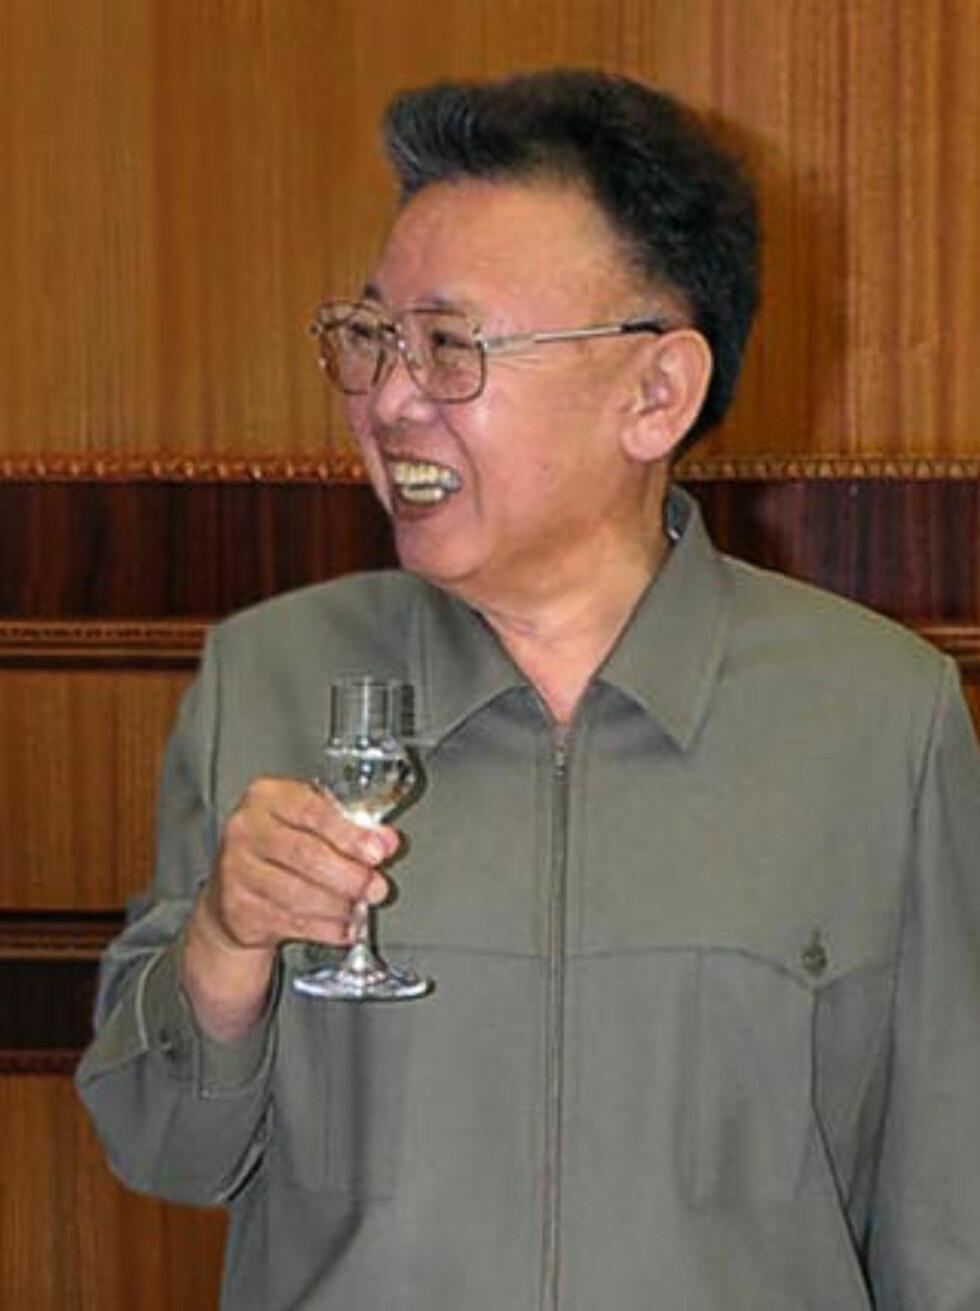 VIL HA OPPMERKSOMHET: Analytikere mener Kim Jong Il provoserer for å skaffe seg økonomisk støtte han desperat trenger. Foto: Scanpix